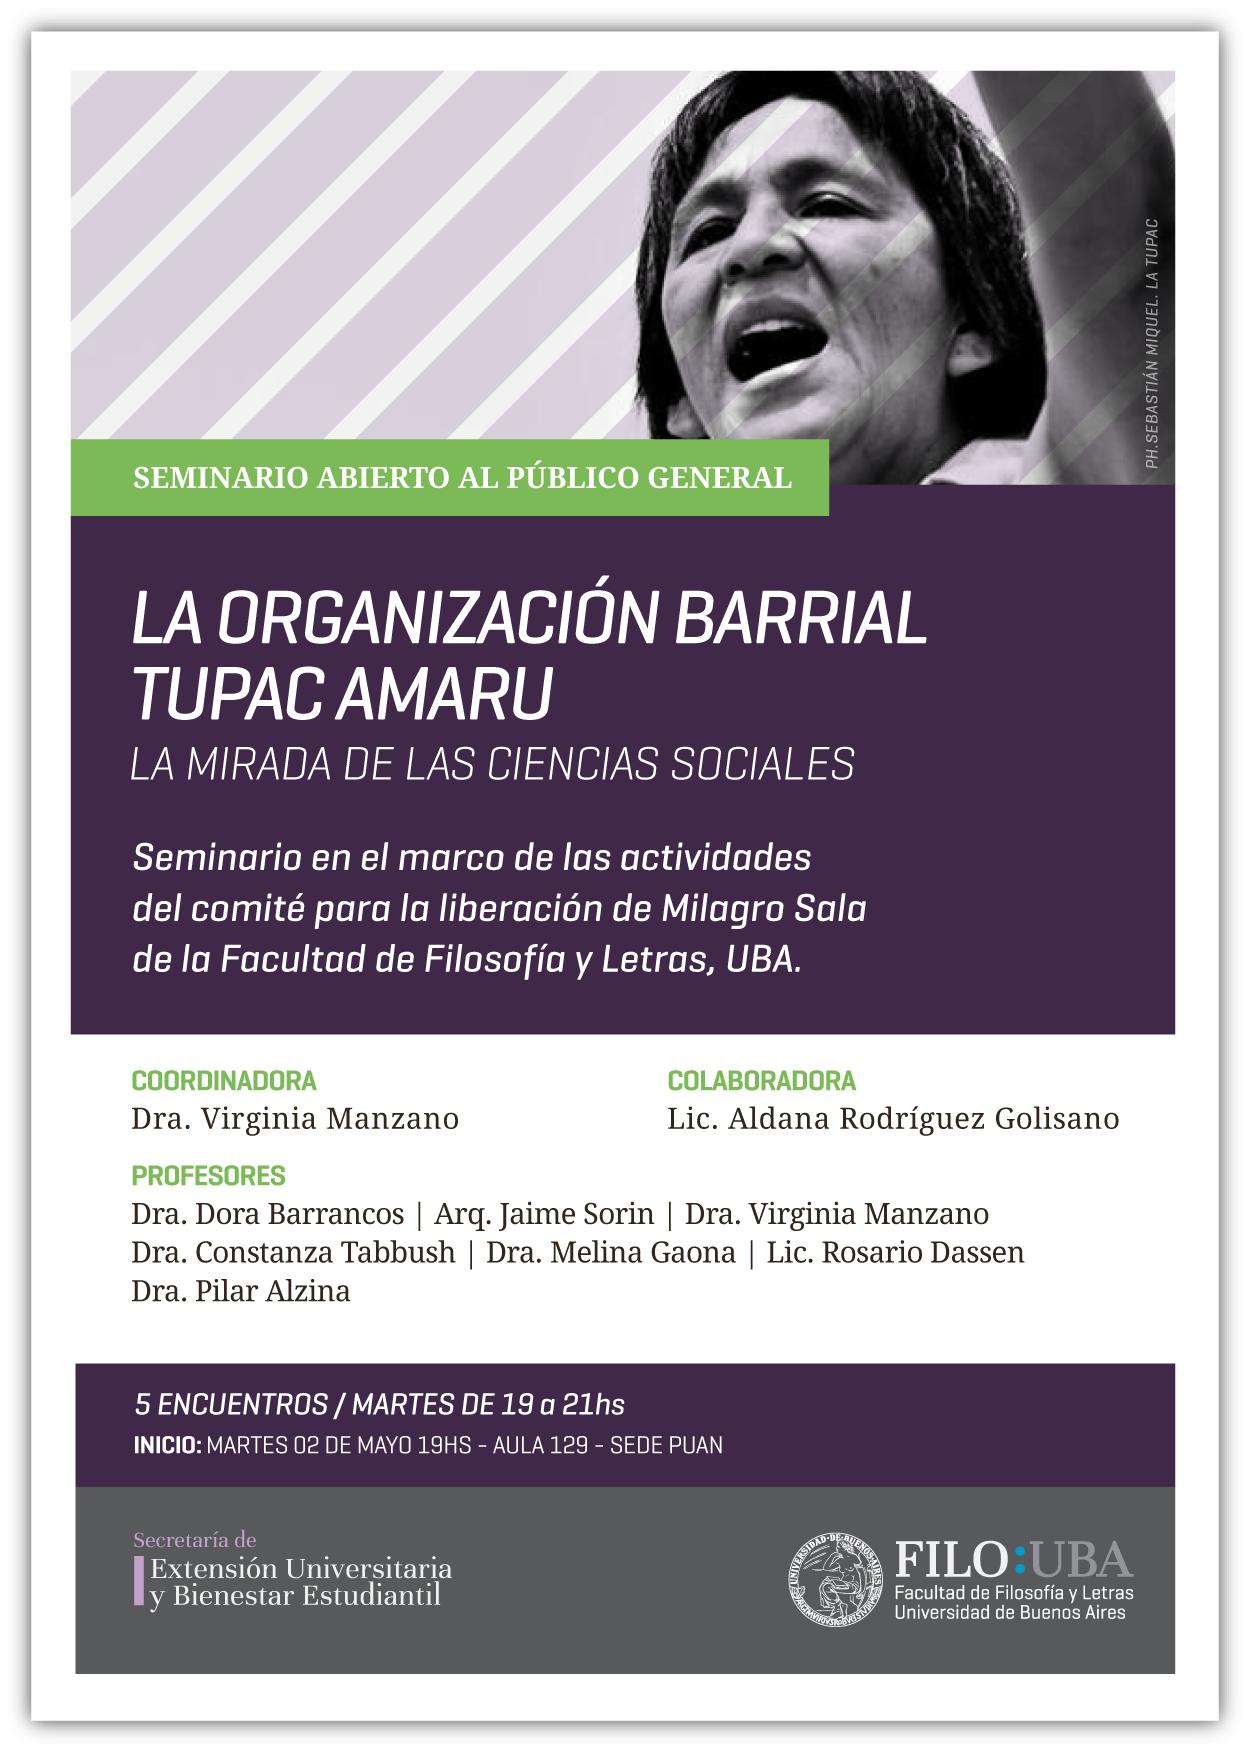 Flyer del Seminario Libre de la Túpac Amaru, con una imagen de Milagro Sala y todos los datos de los encuentros, ya descriptos en el cuerpo de la noticia.